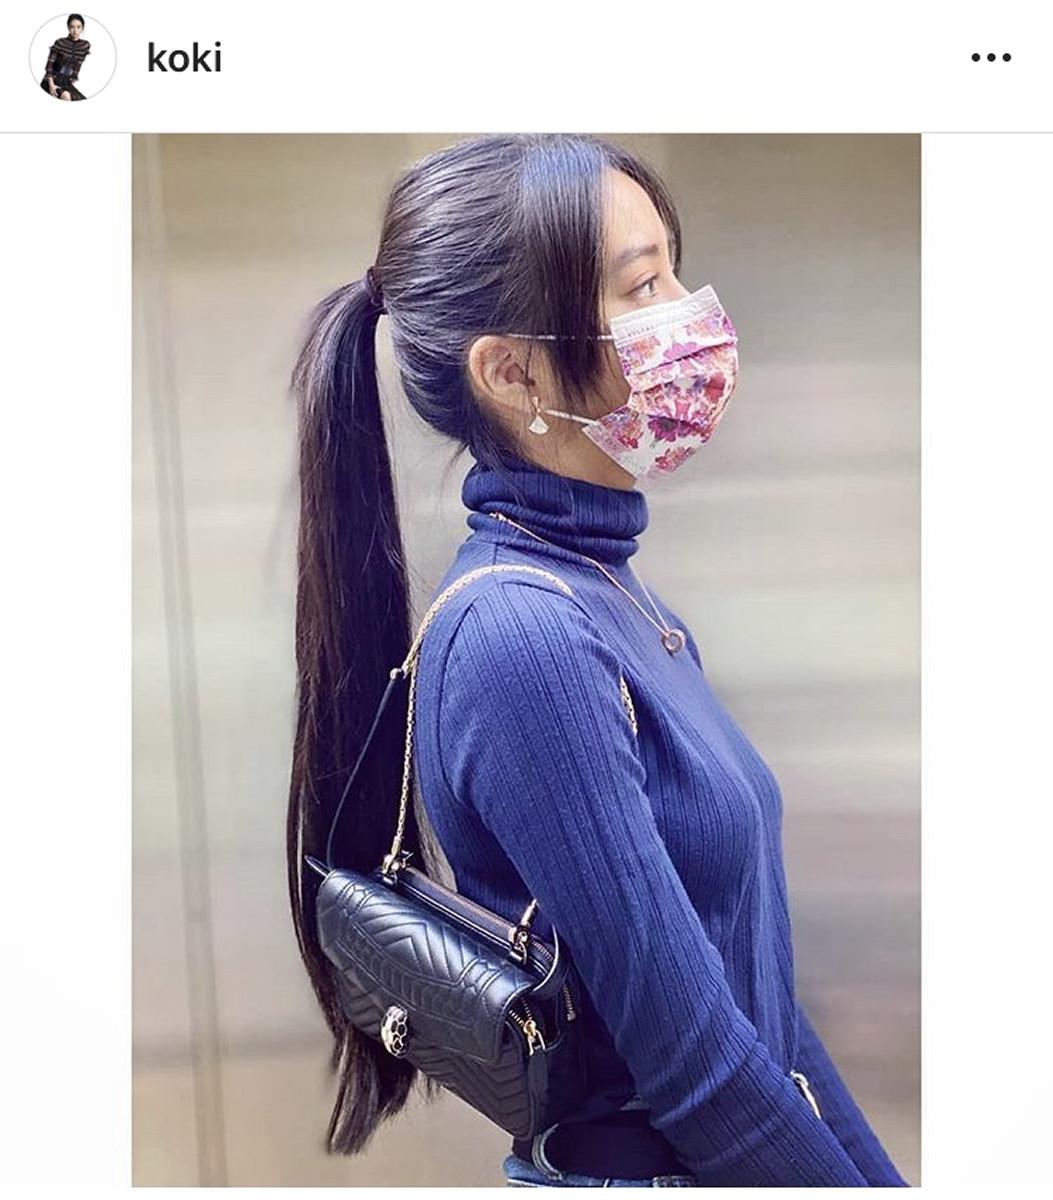 Koki,「可愛くて捨てられない」おしゃれな使い捨てマスクを公開 : スポーツ報知